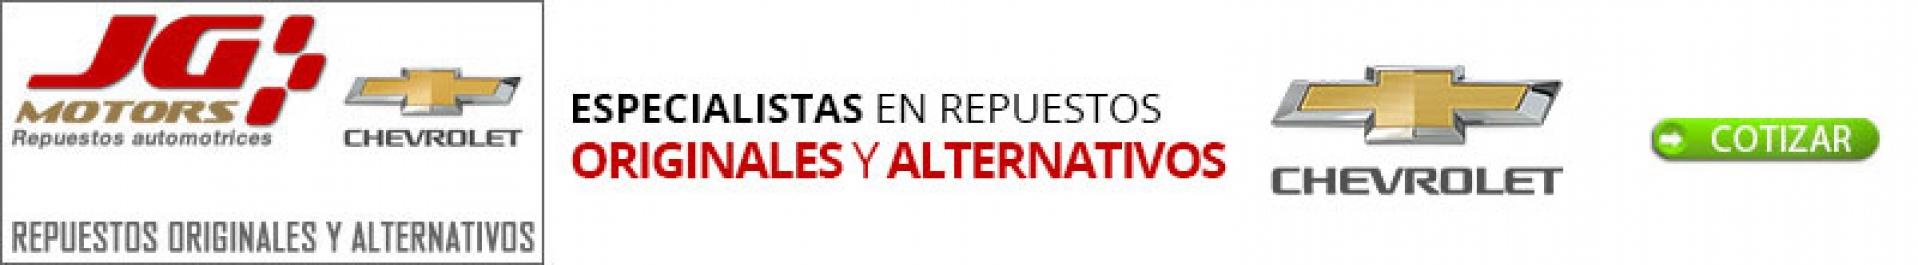 Venta De Repuestos Chevrolet En Chile Cotiza Precios Venta 2020